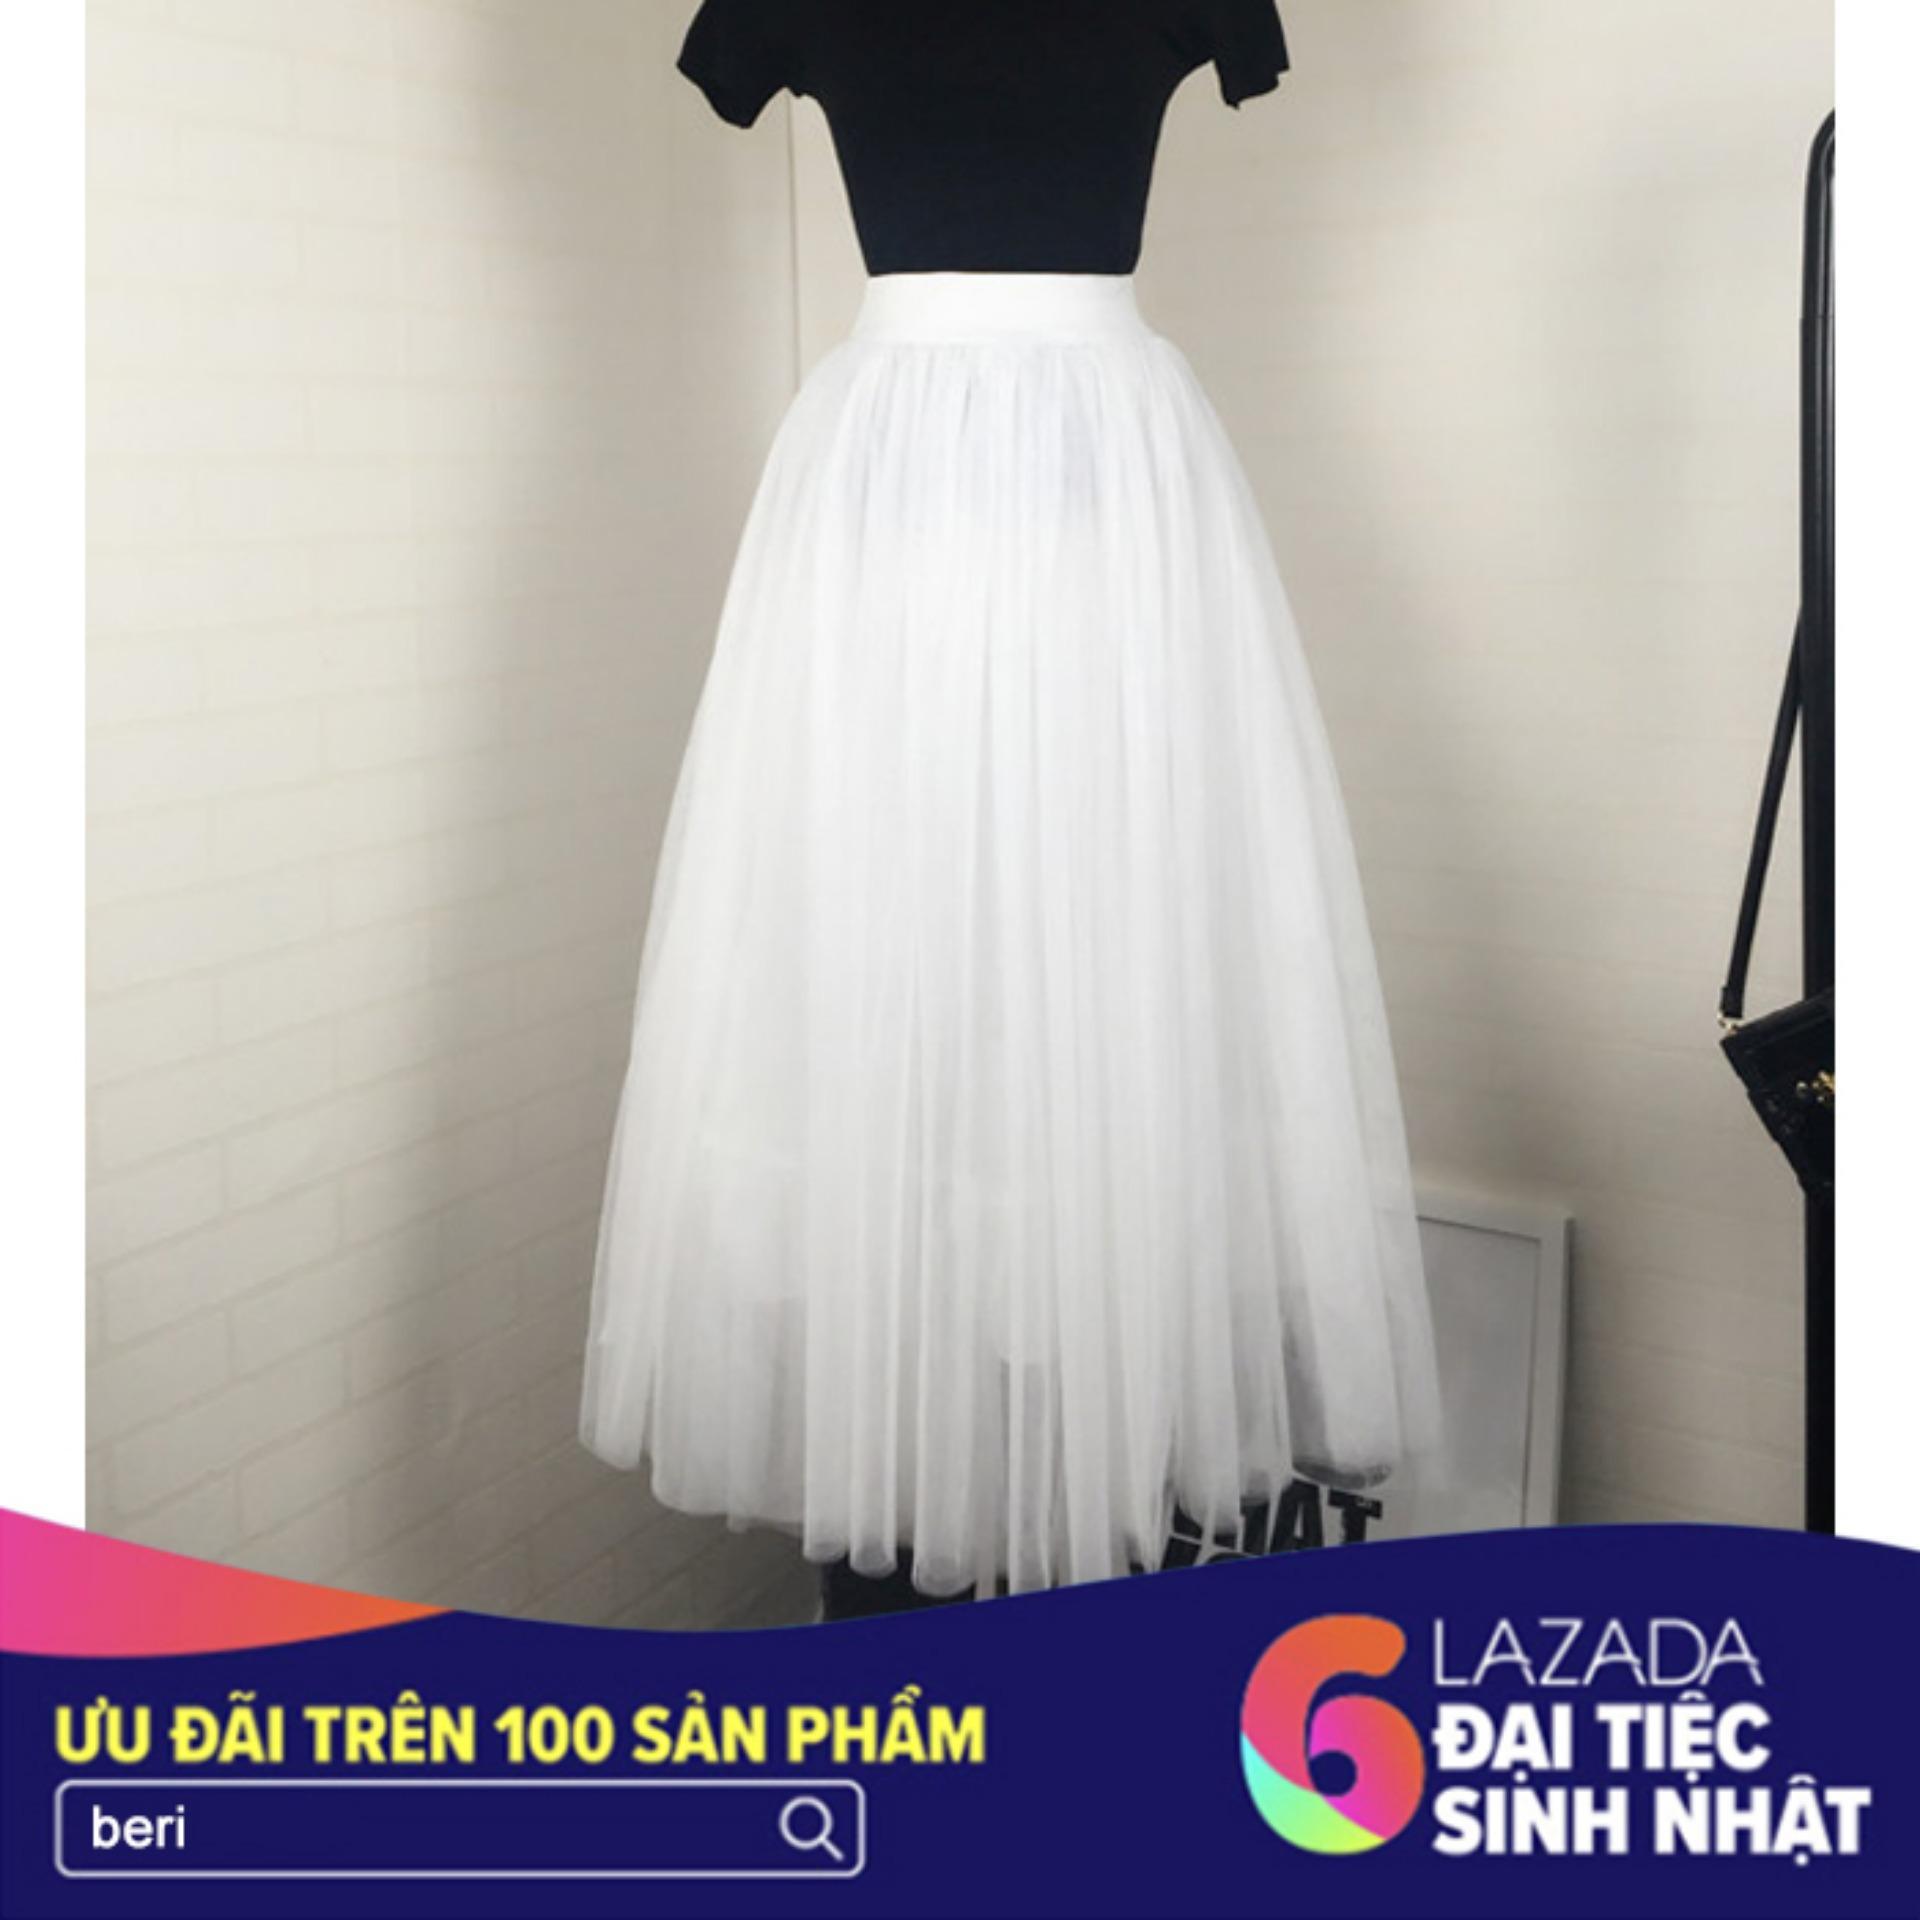 Bán Chan Vay Voan Lưới Xoe Beri Trắng Cv043 Trực Tuyến Hồ Chí Minh